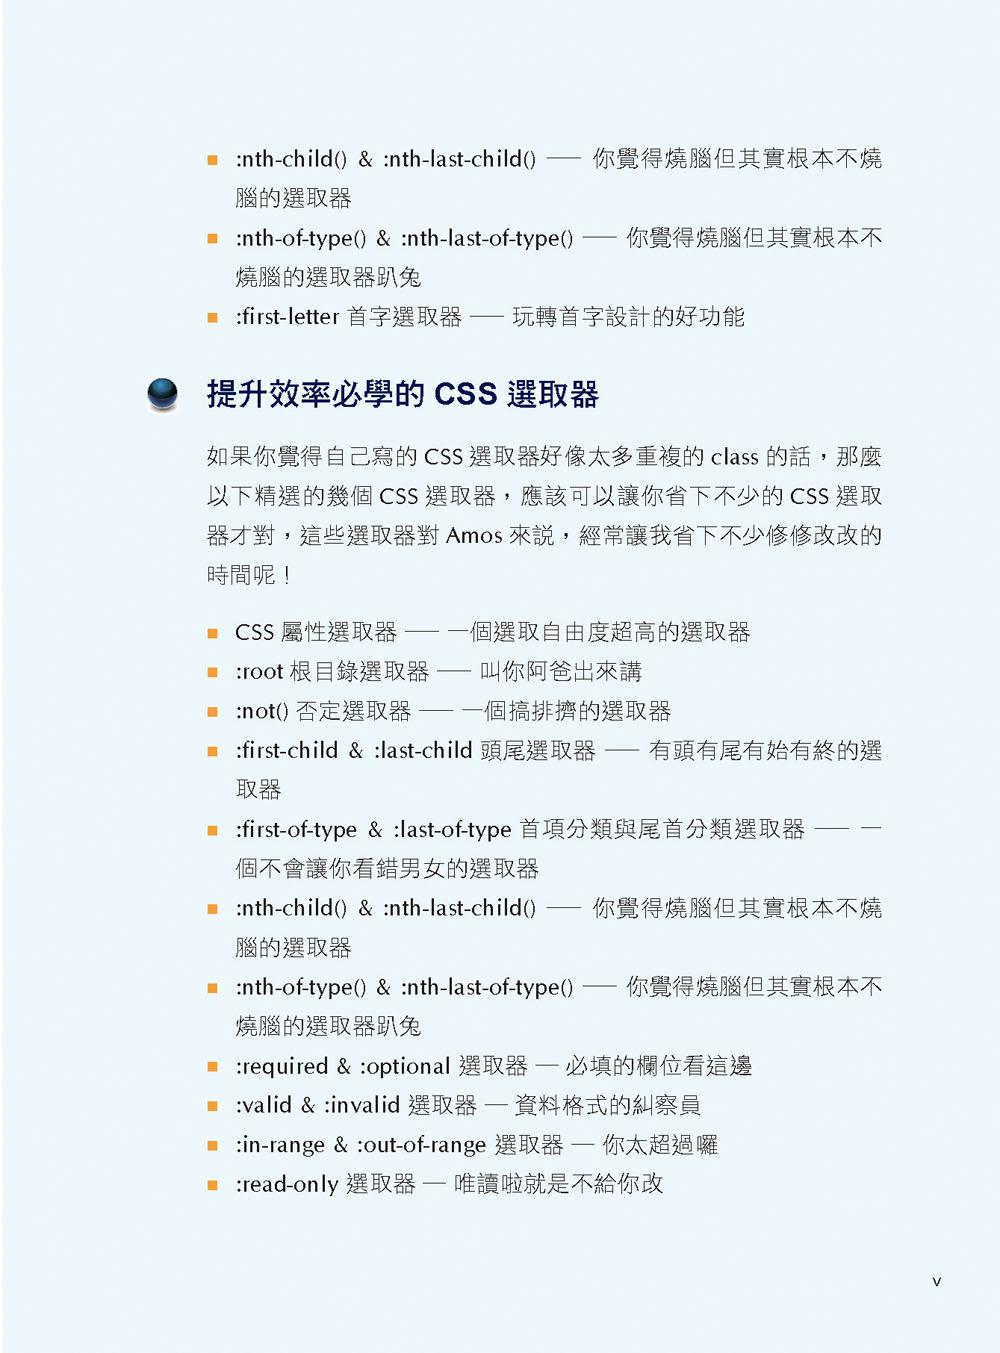 金魚都能懂的 CSS 選取器:金魚都能懂了你還怕學不會嗎(iT邦幫忙鐵人賽系列書)-preview-6